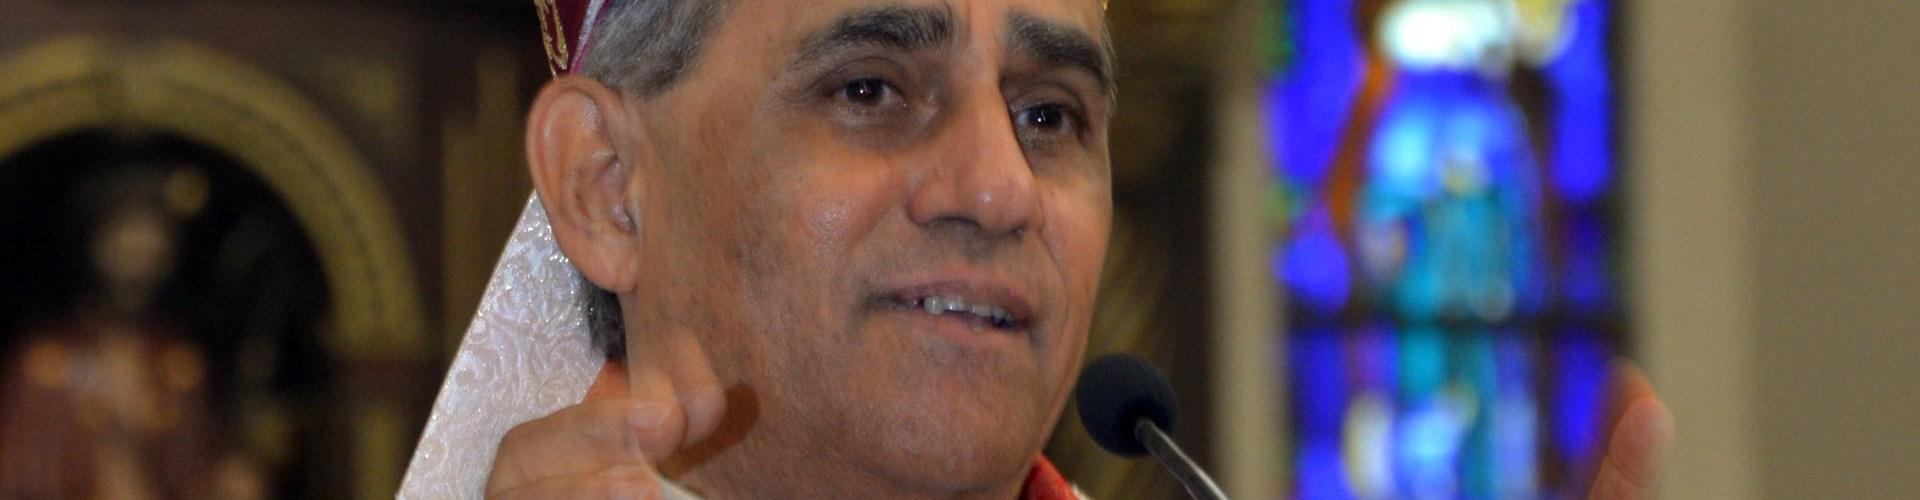 Arzobispo lamenta poca acción contra corrupción